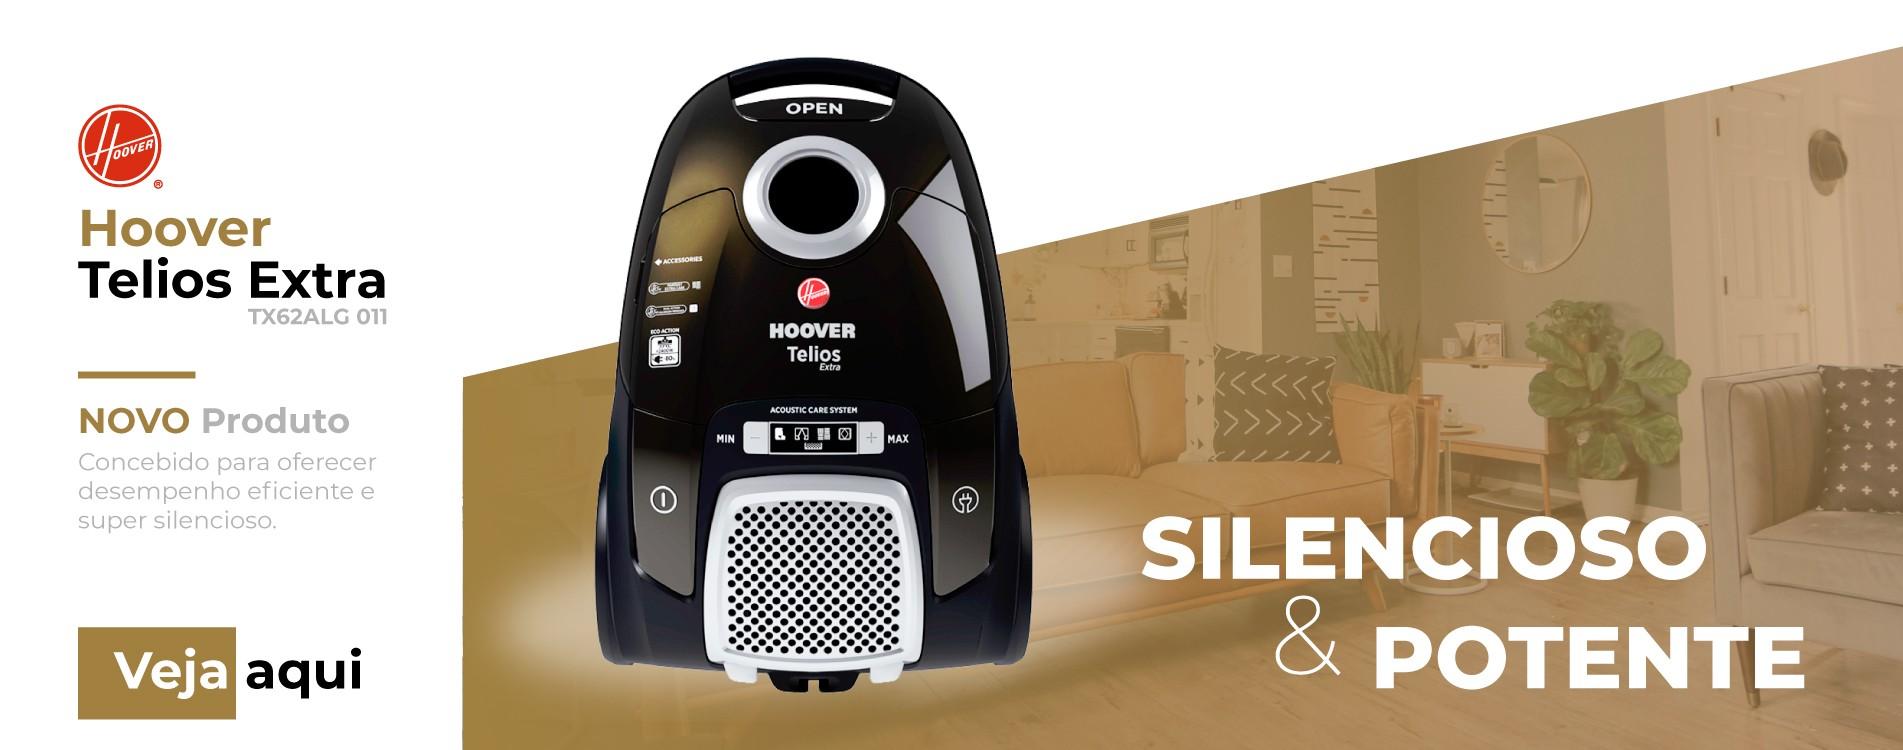 Aspirador Hoover Telios Extra TX62ALG 011 350W